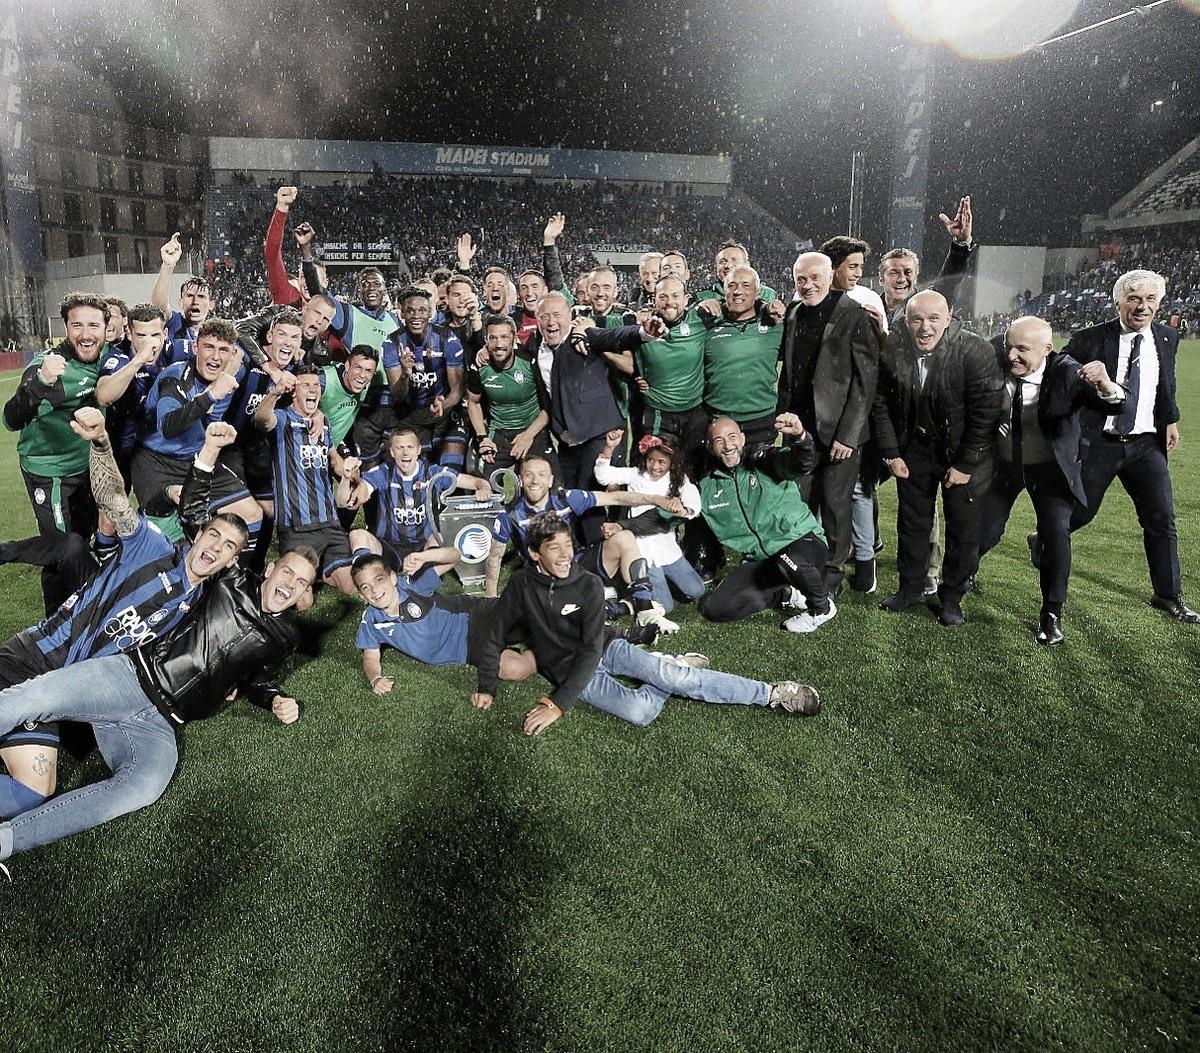 Histórico! Atalanta vence Sassuolo e garante vaga para sua primeira Champions